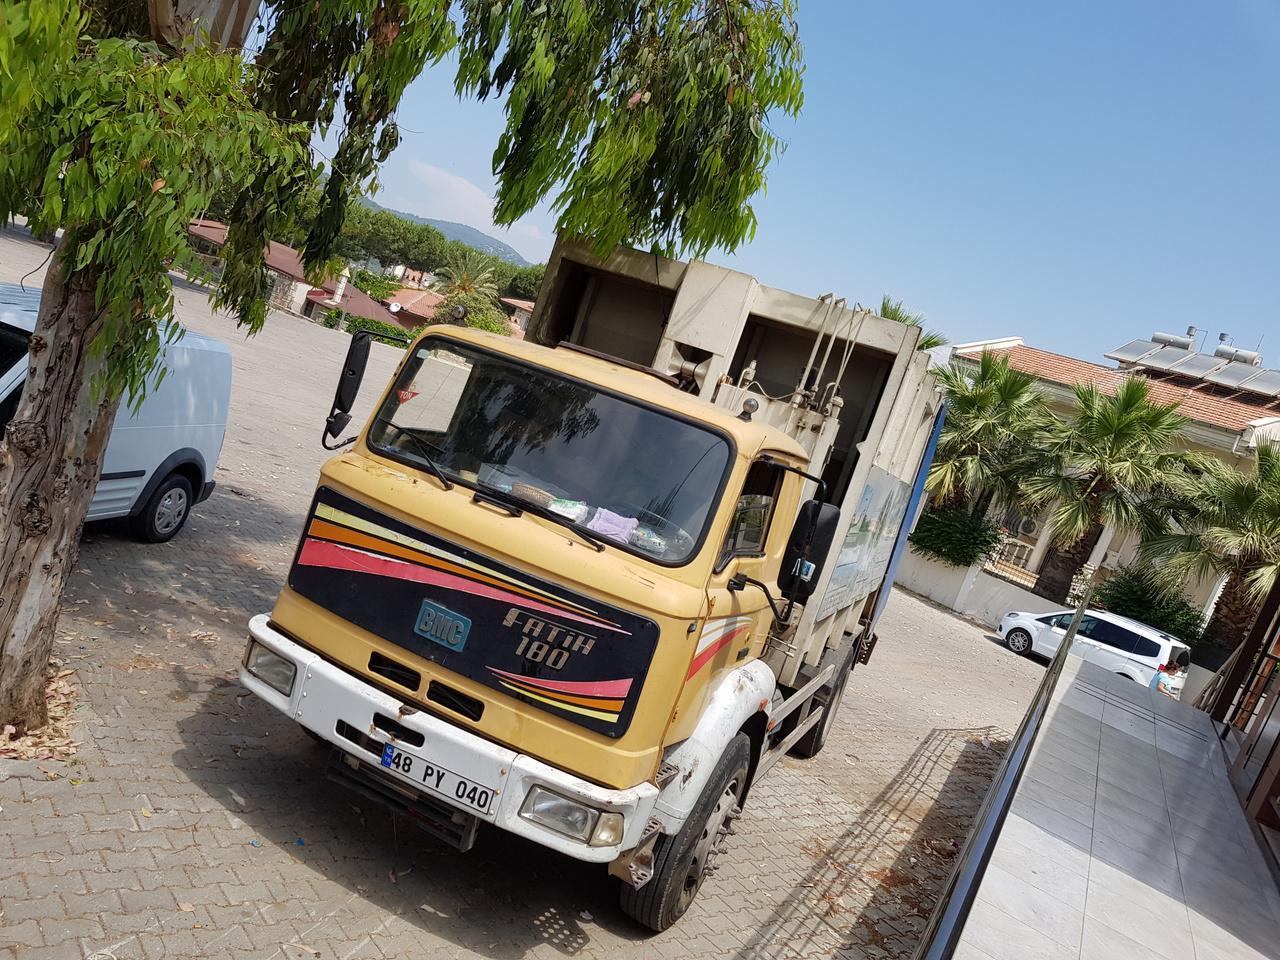 BMC Fatih 180 kukásautó Ölüdeniz utcáin. A török nehézipar egyik zászlóshajója, a BMC teherautók, buszok, katonai járművek gyártására szakosodott vállalat. Az izmiri gyár a '60-as évek óta folyamatosan látja el a hazai és nemzetközi piacot, például az Egyesült Királyságot, amelyhez a Leyland révén amúgy is kötődött a múltban a cég